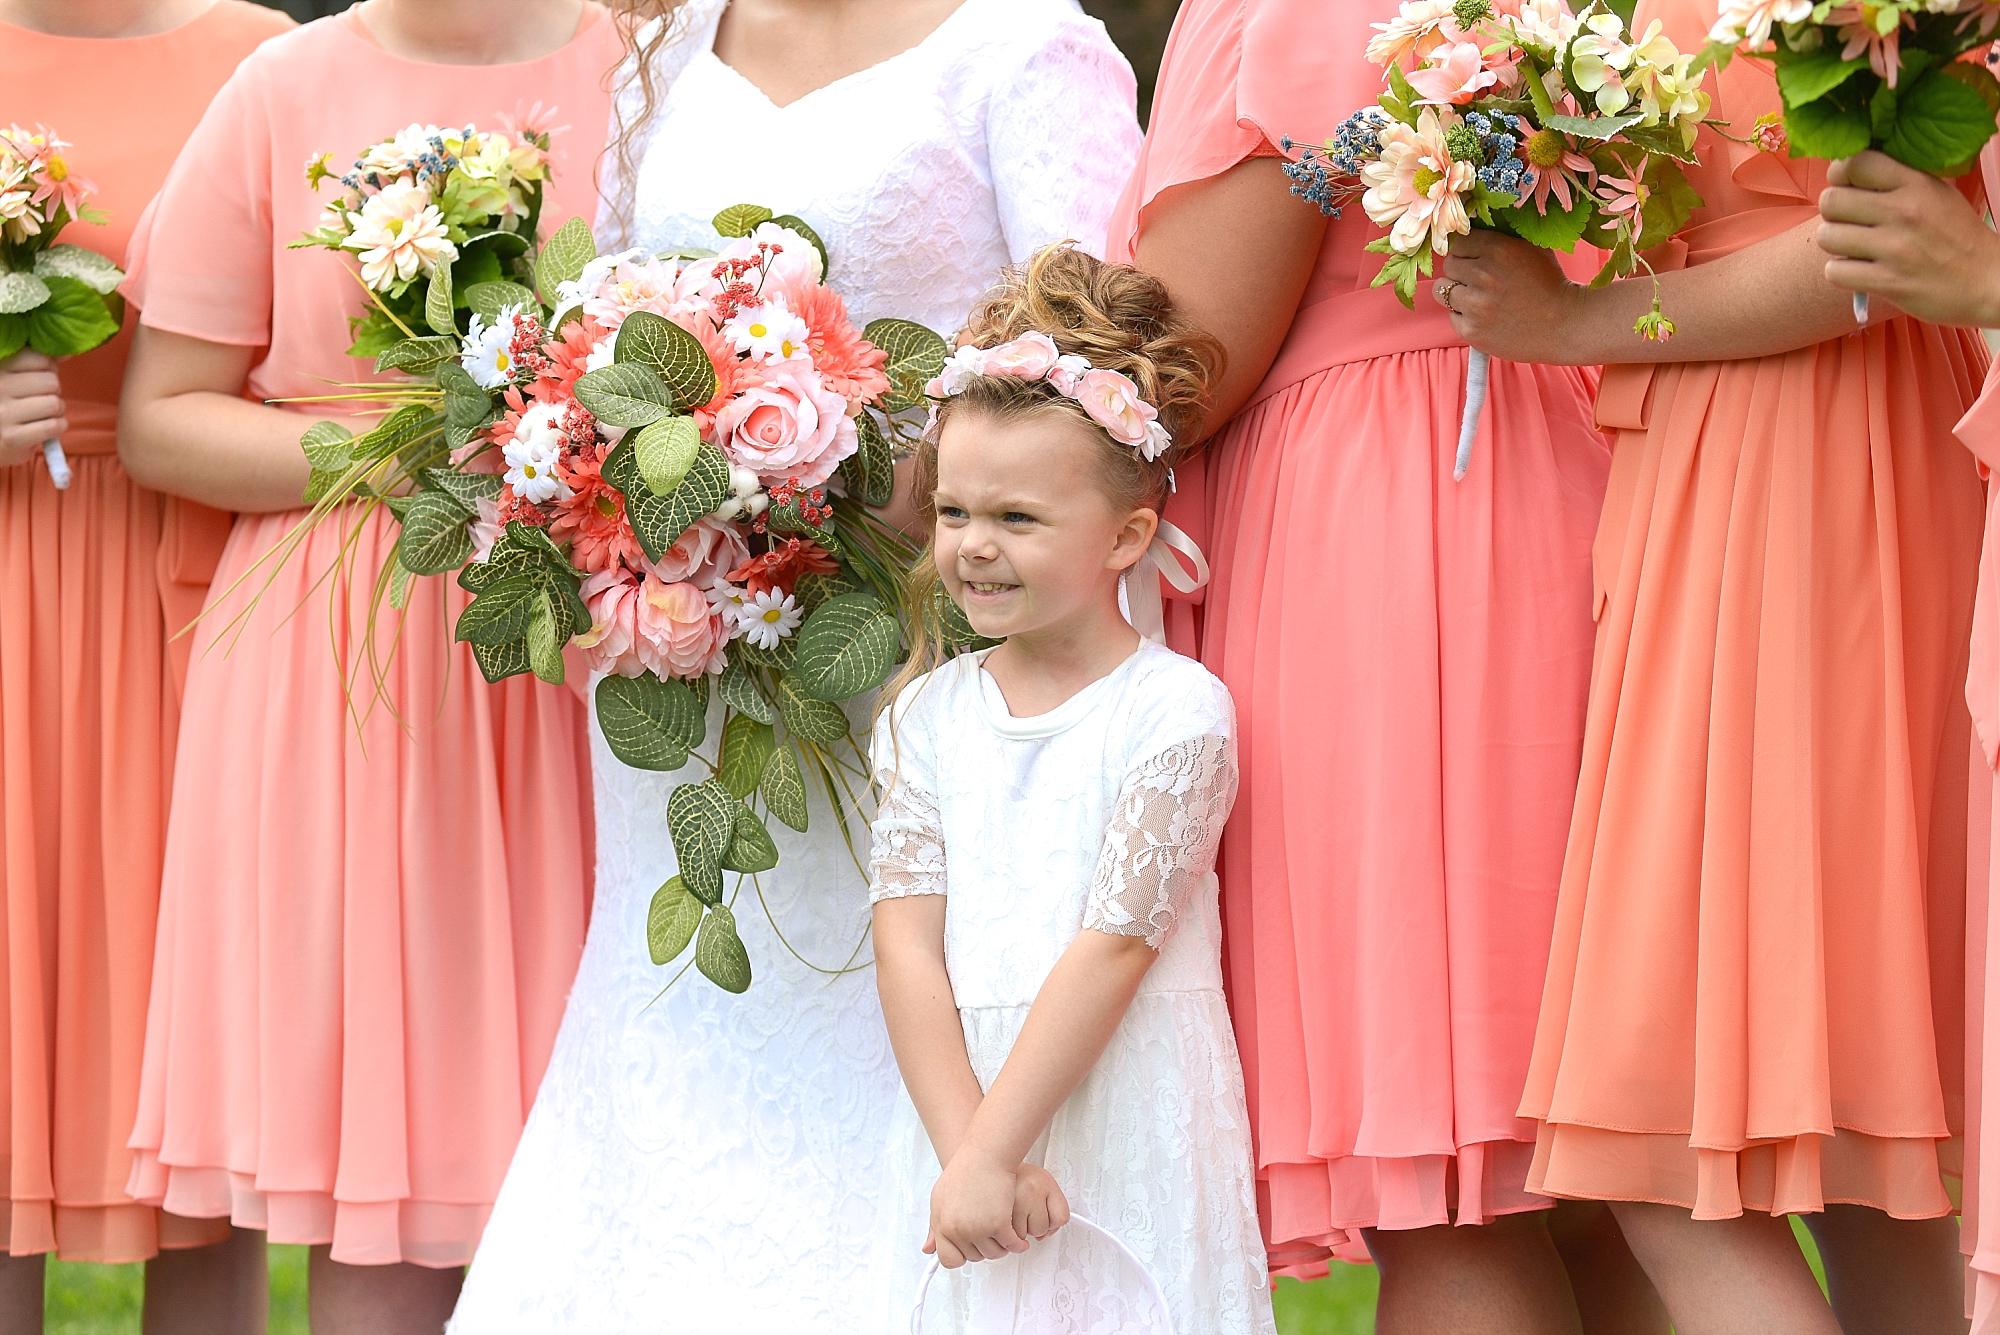 Little McKinley...such a precious little flower girl!